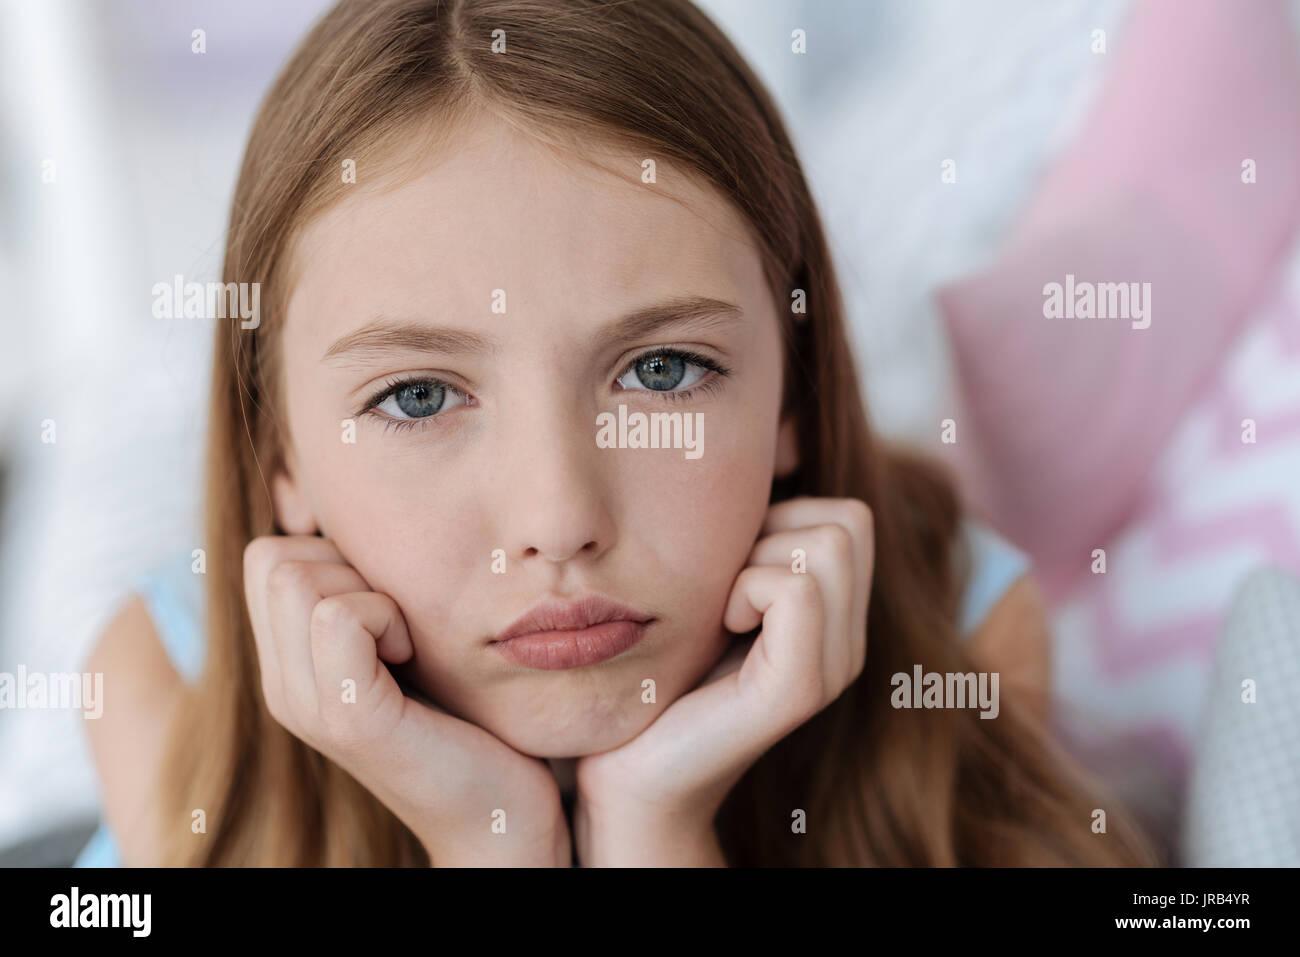 Traurige junge Dame in die Kamera schaut Stockbild